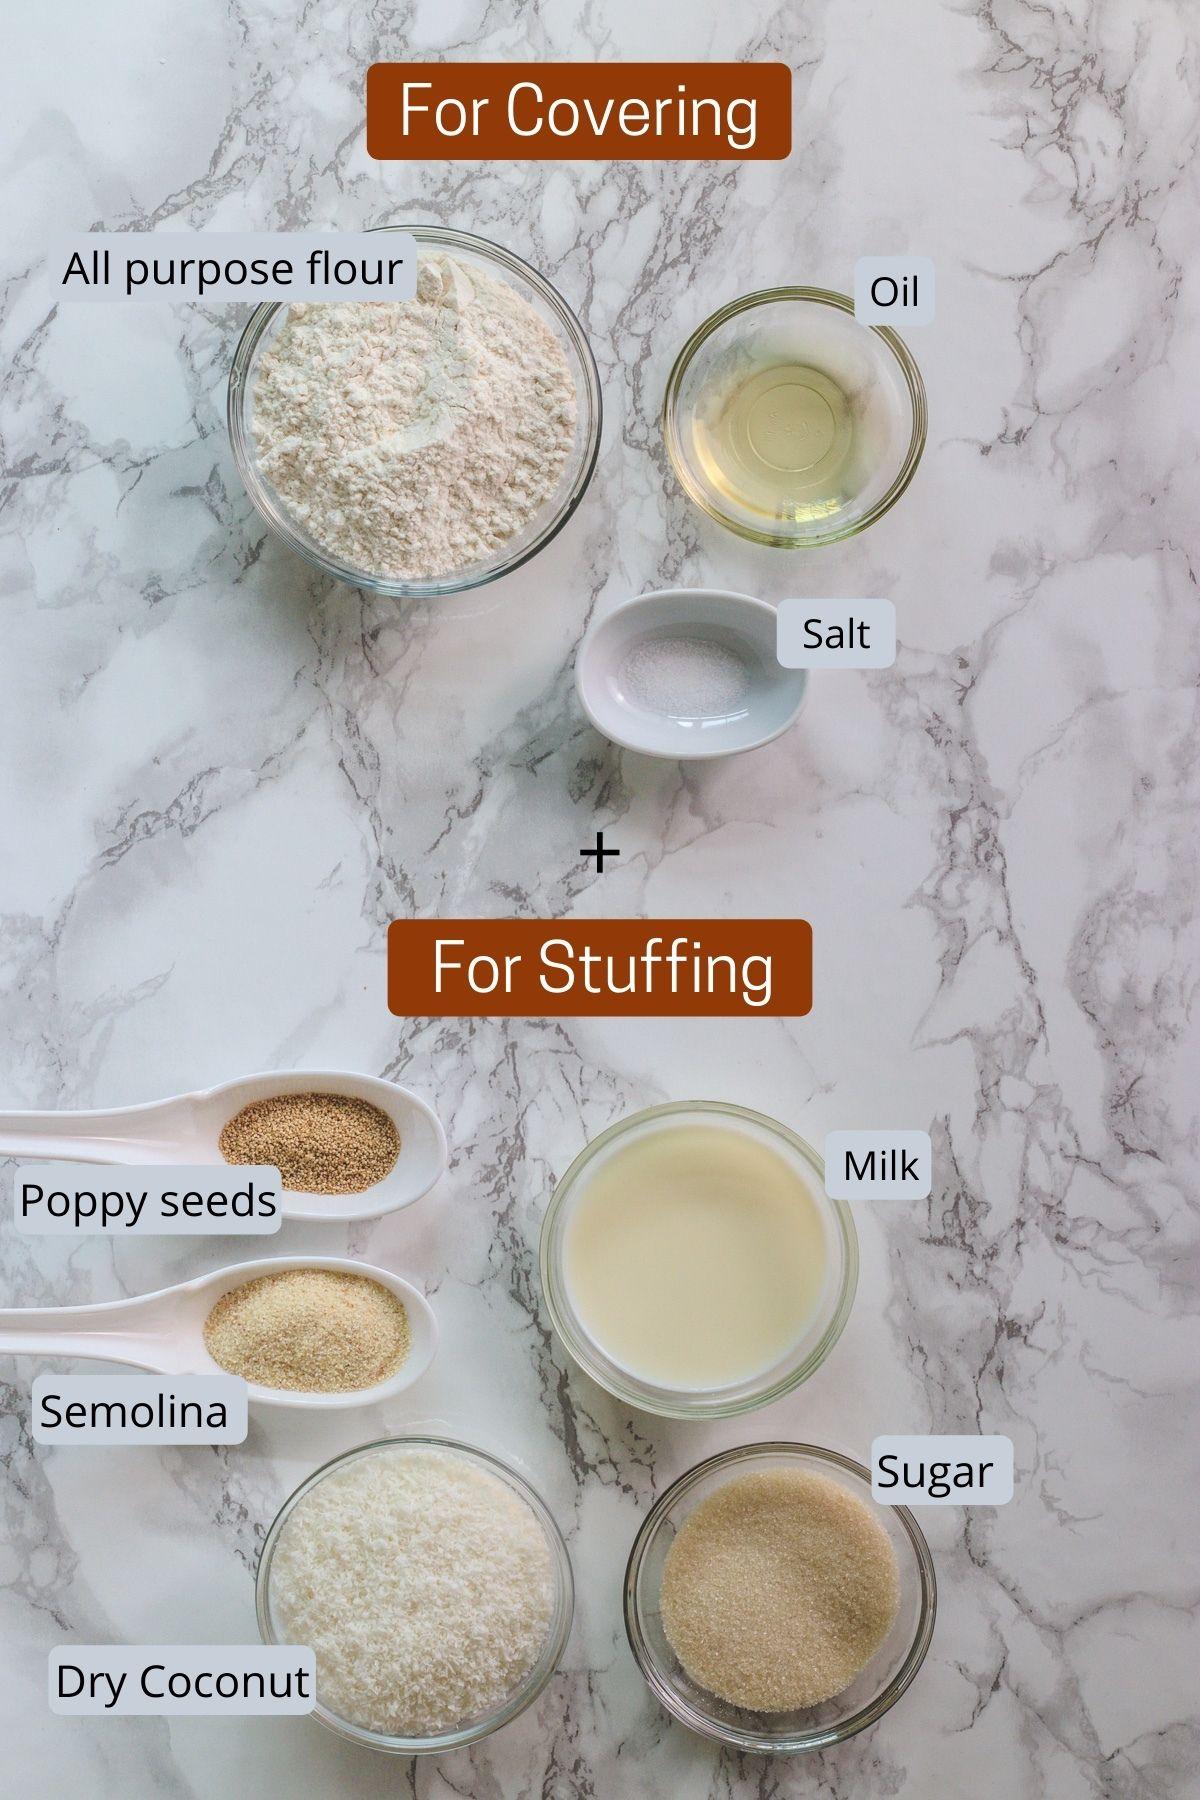 Image of ingredients used in karanji. Includes flour, salt, oil, semolina, sugar, milk, coconut, poppy seeds